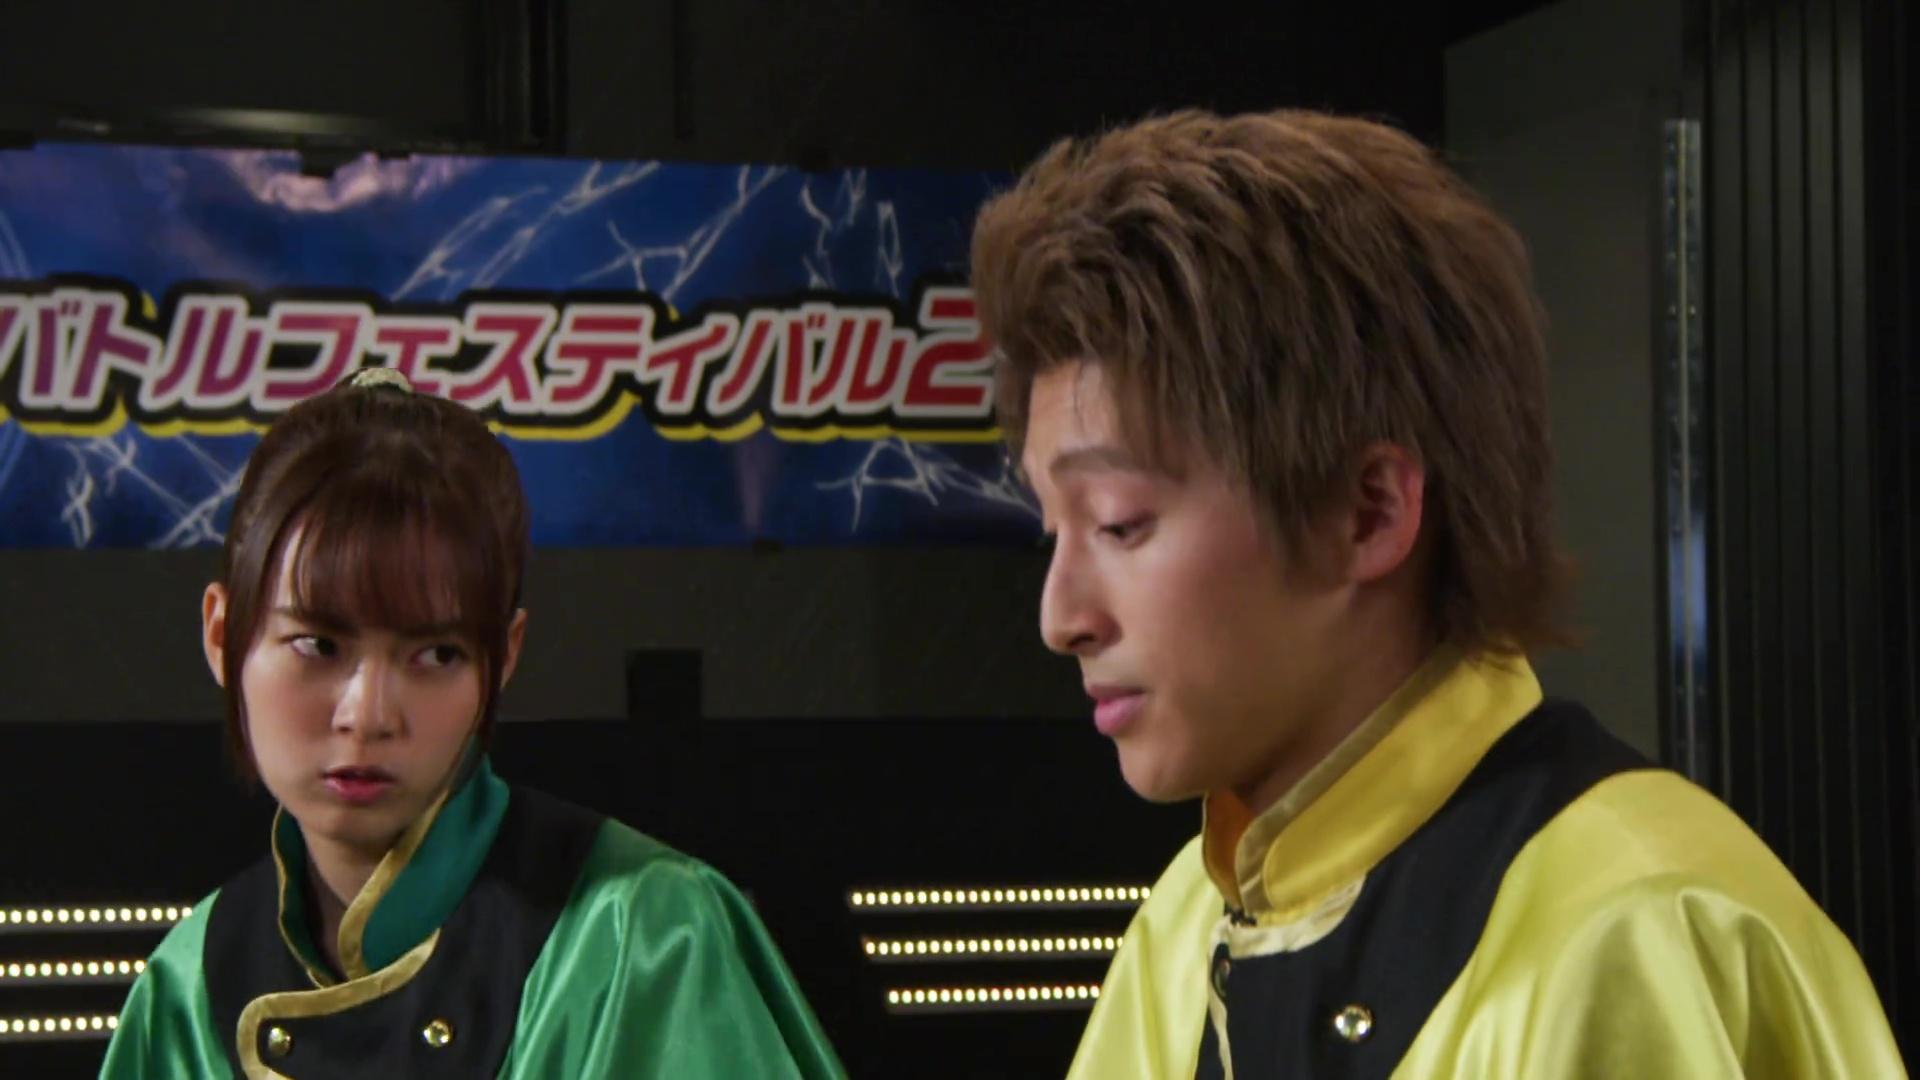 Mashin Sentai Kiramager Episode 5 Recap